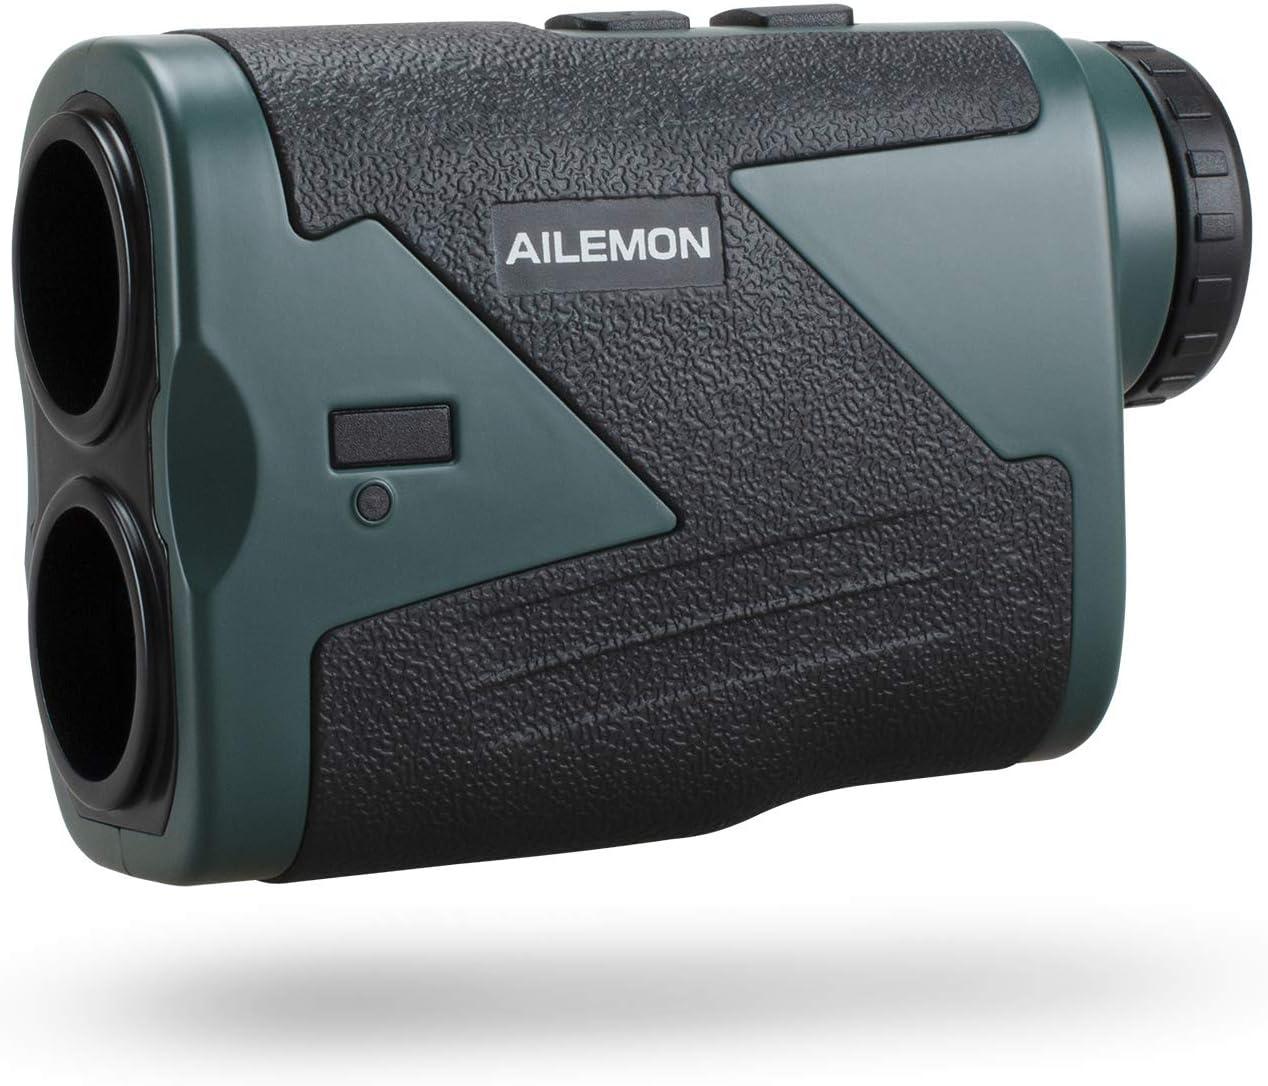 AILEMON Laser Golf/Hunting Range Finder 1000/1200 Yards 6X Magnification USB Charging Laser Rangefinder